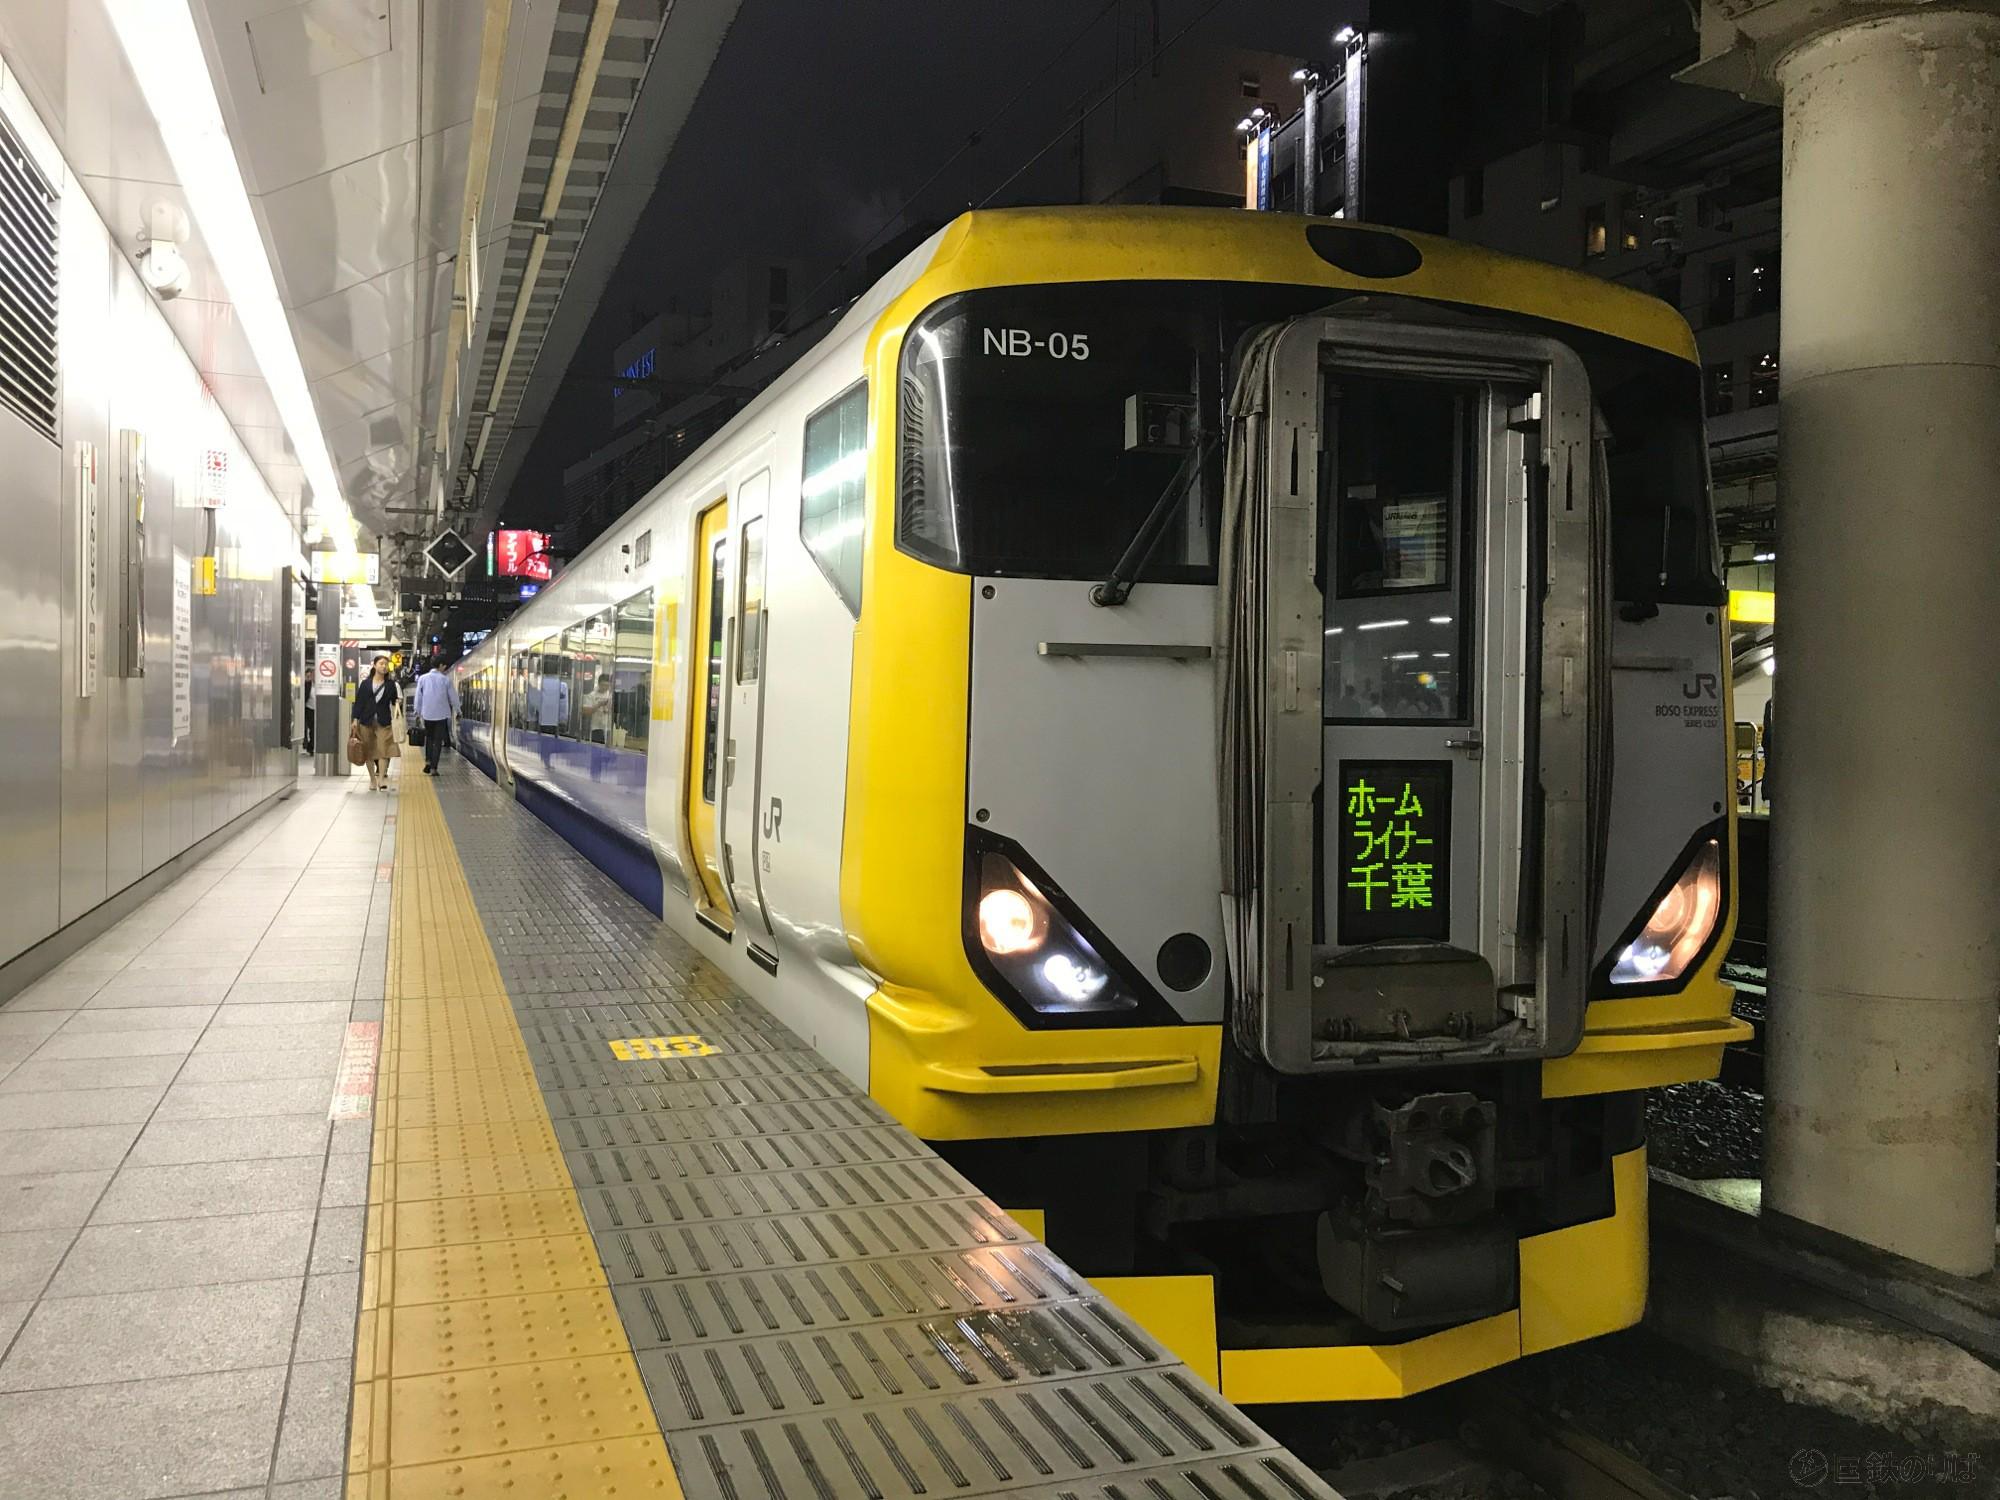 幕張車両センター所属のE257系500番台で運転される新宿発の「ホームライナー千葉」(新宿駅にて)